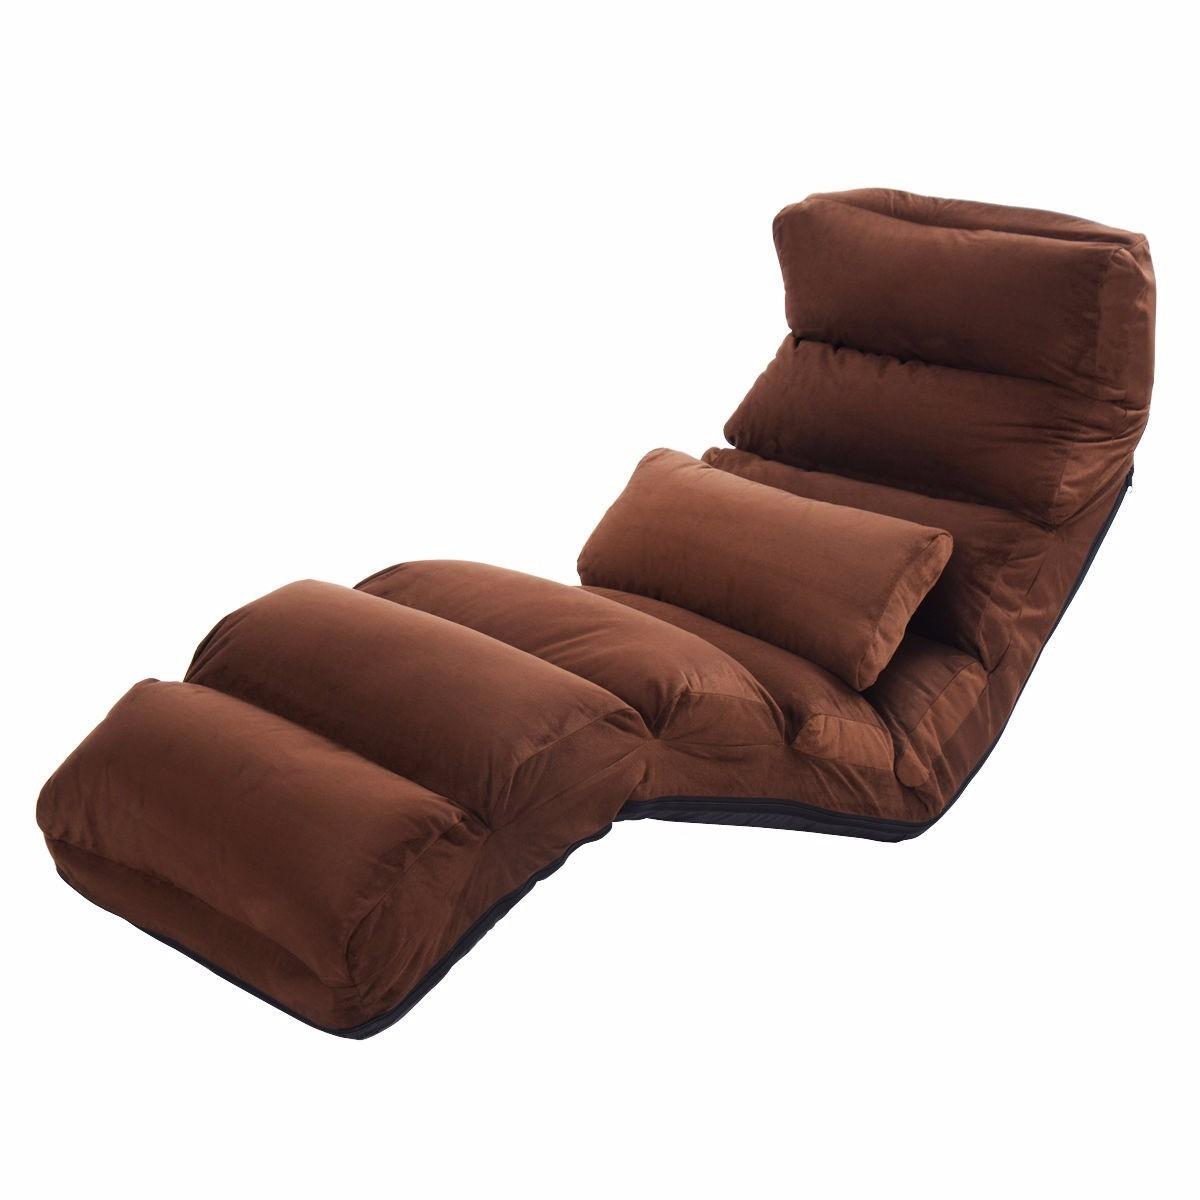 Sof plegable sof con estilo sof camas 4 en - Sofa con estilo ...